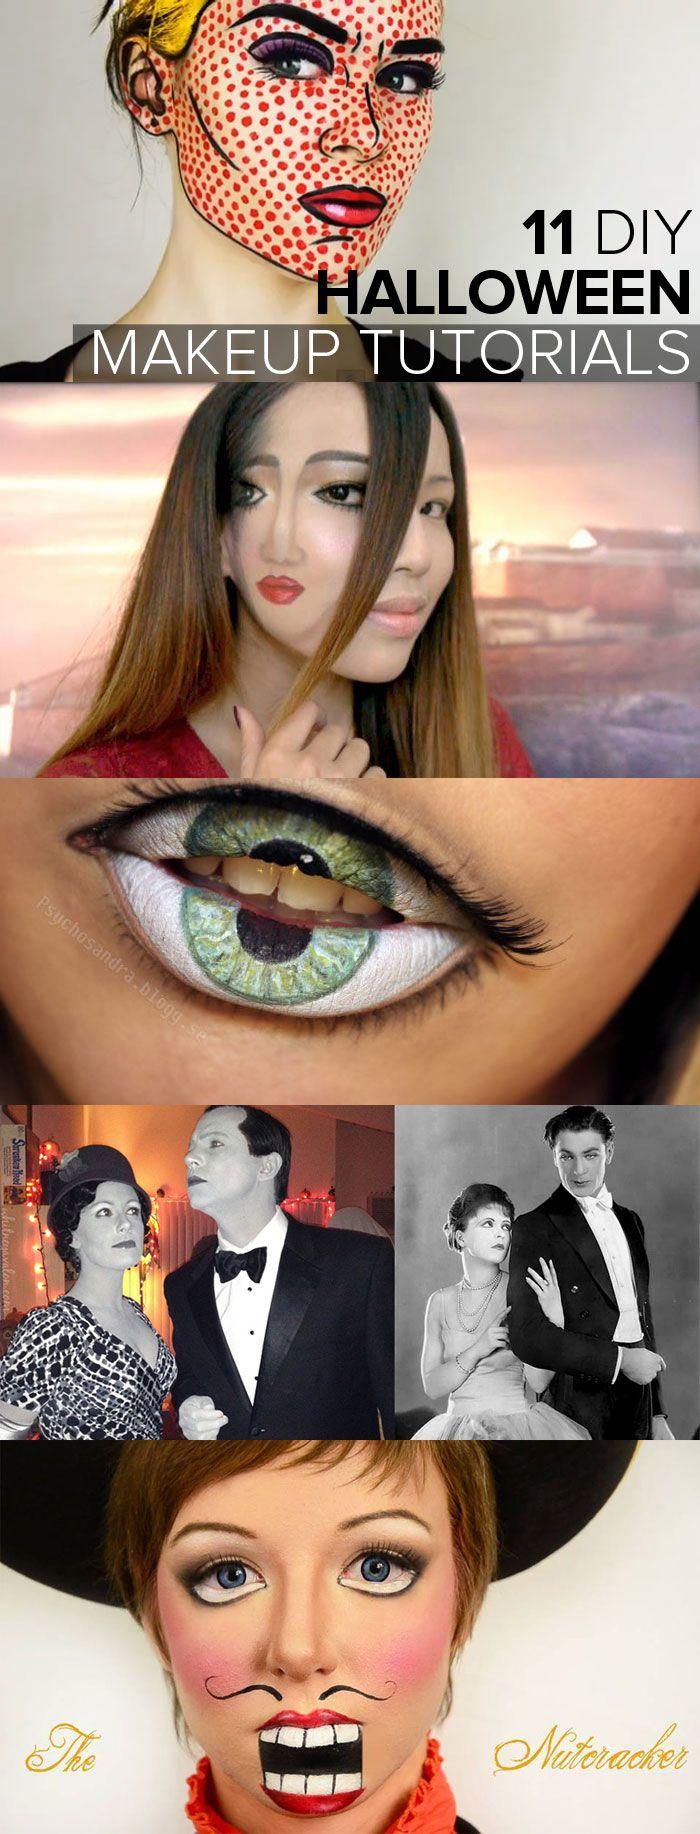 11 DIY Halloween Makeup Tutorials